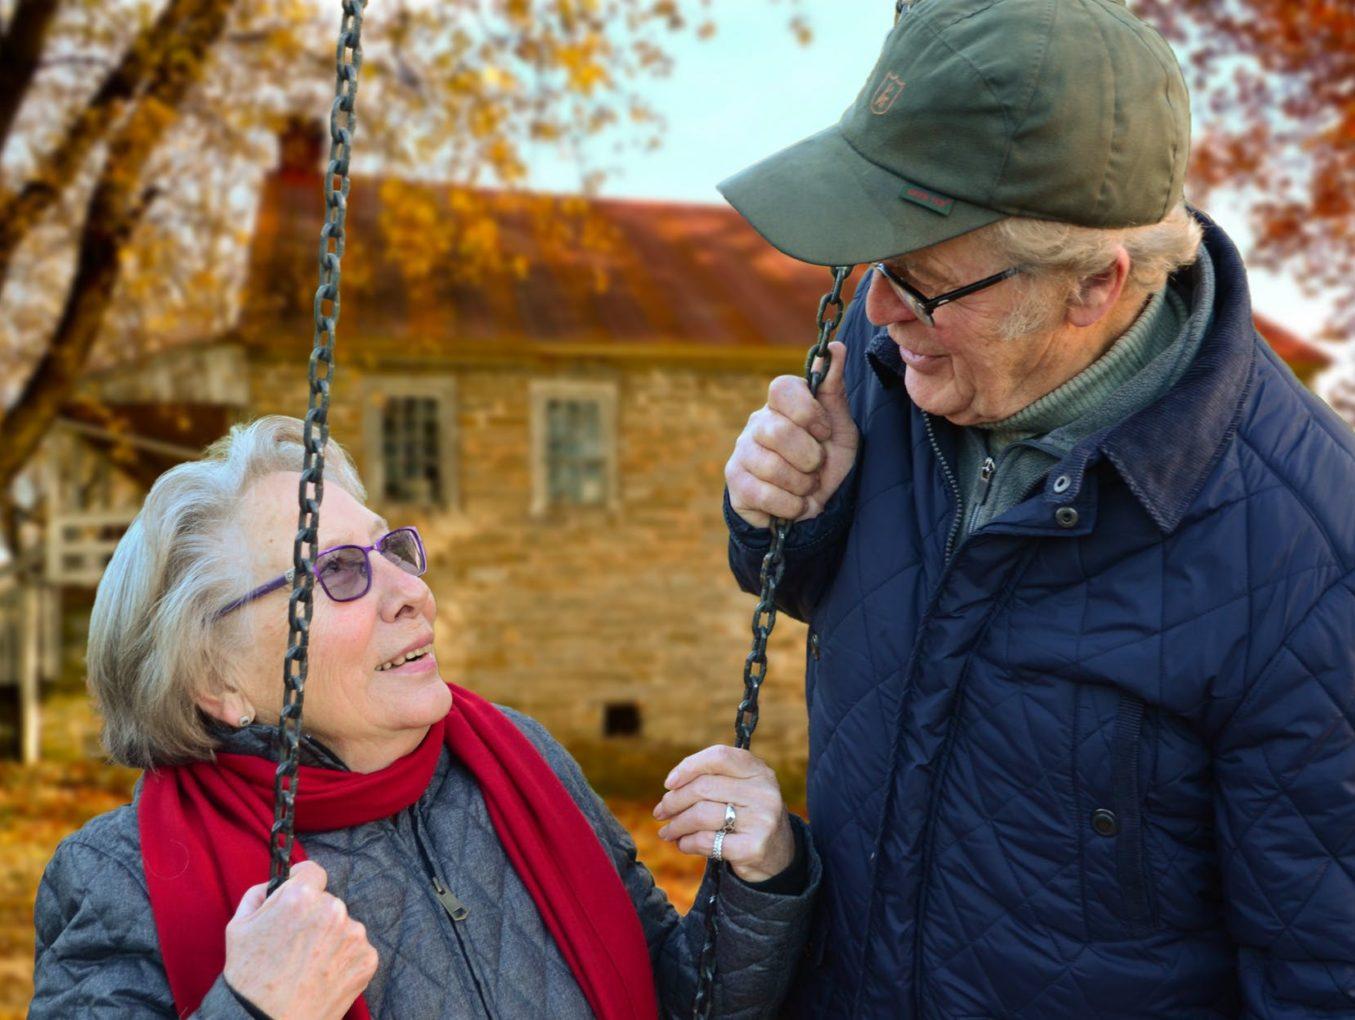 Ile emeryt może dorobić od 1 września 2019 r. do 31 sierpnia 2020 r.?